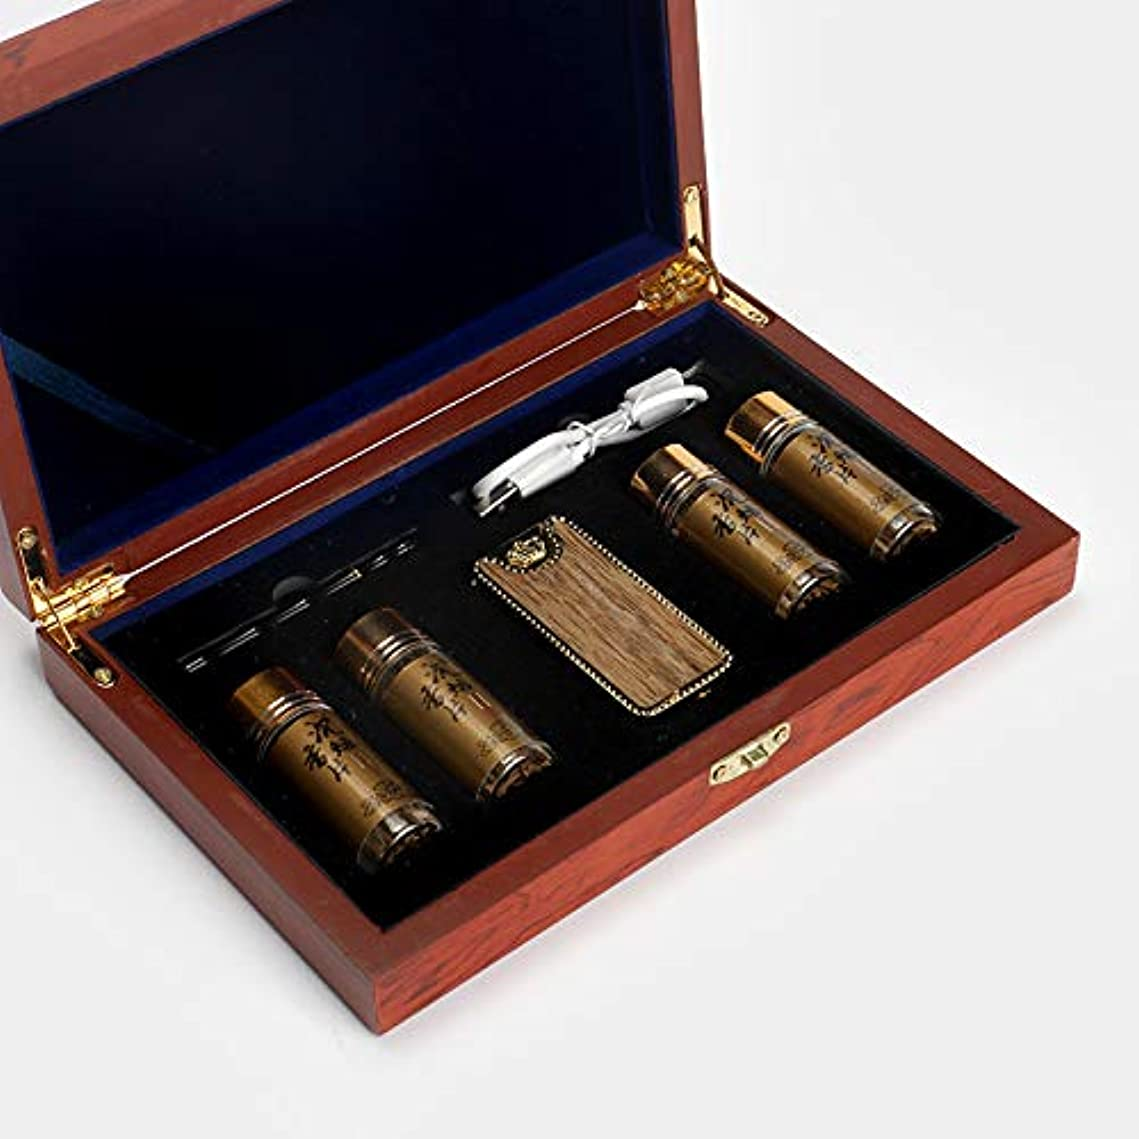 ボックス処分した算術Diatems - 五郎クラフトベトナムニャチャンシェンタバコの煙を挿入ギフトボックスShenxiang錠4本のボトル包装